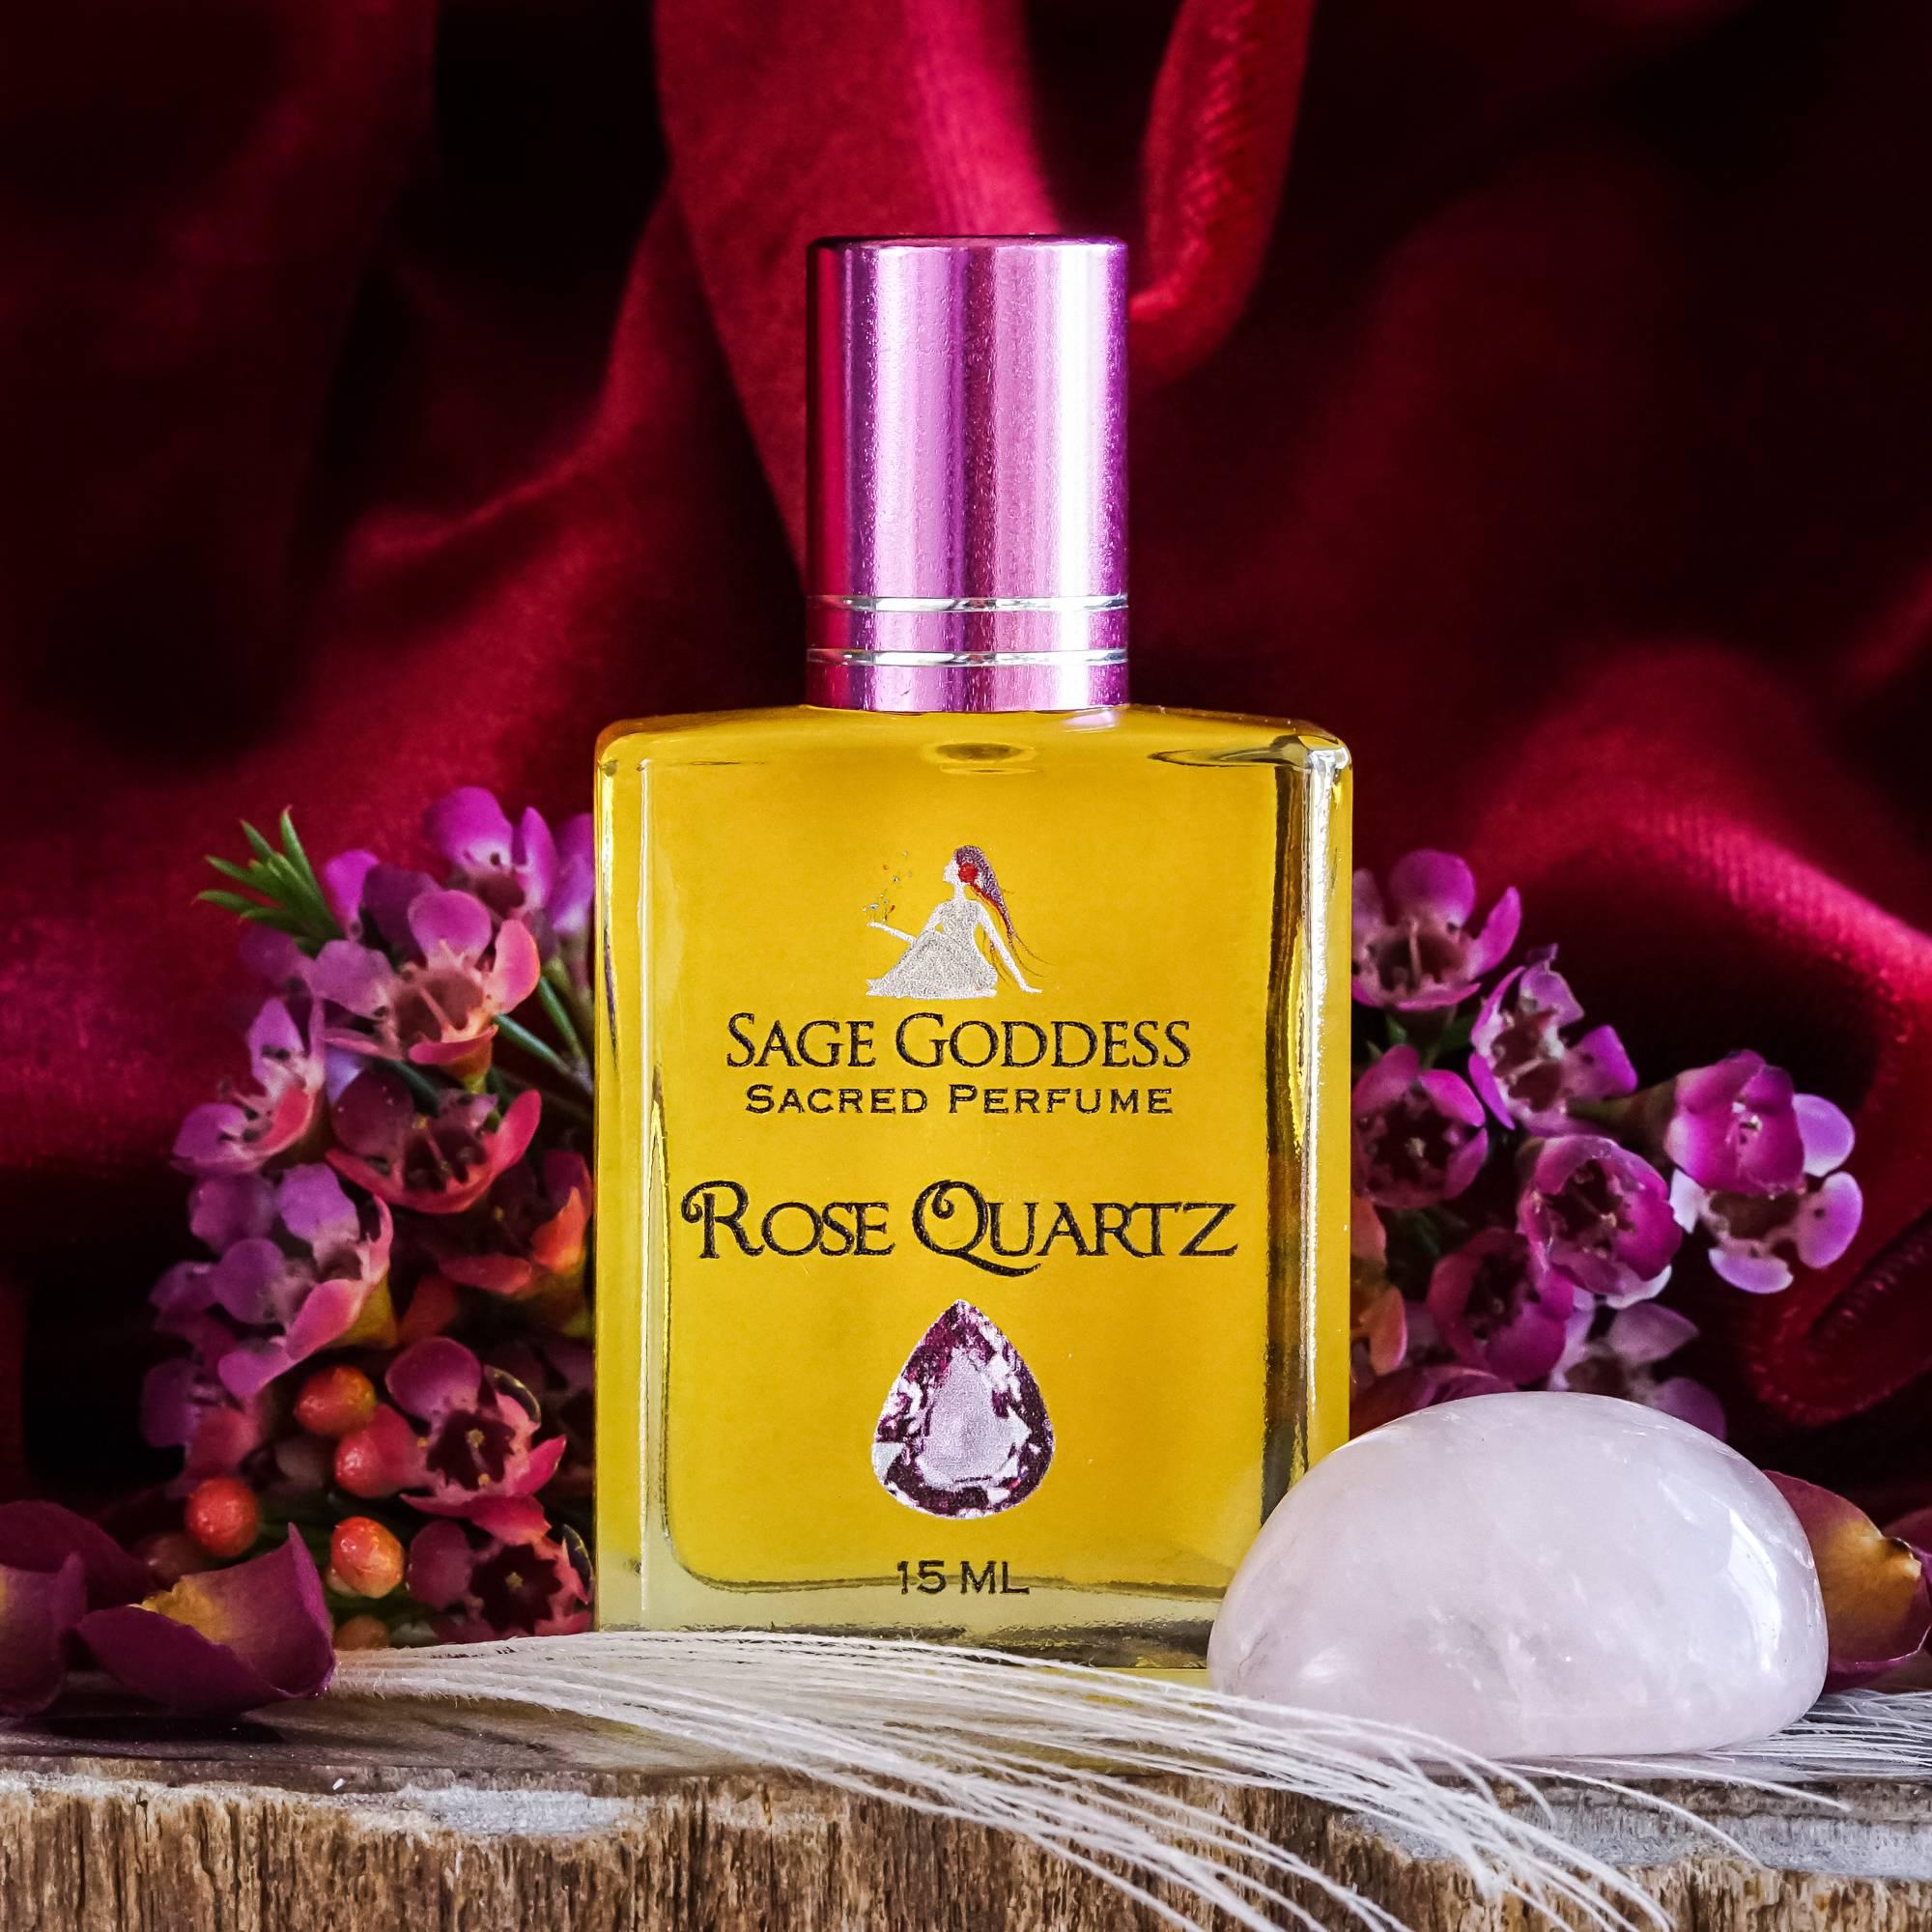 rose quartz perfume with rose quartz tumbled stone